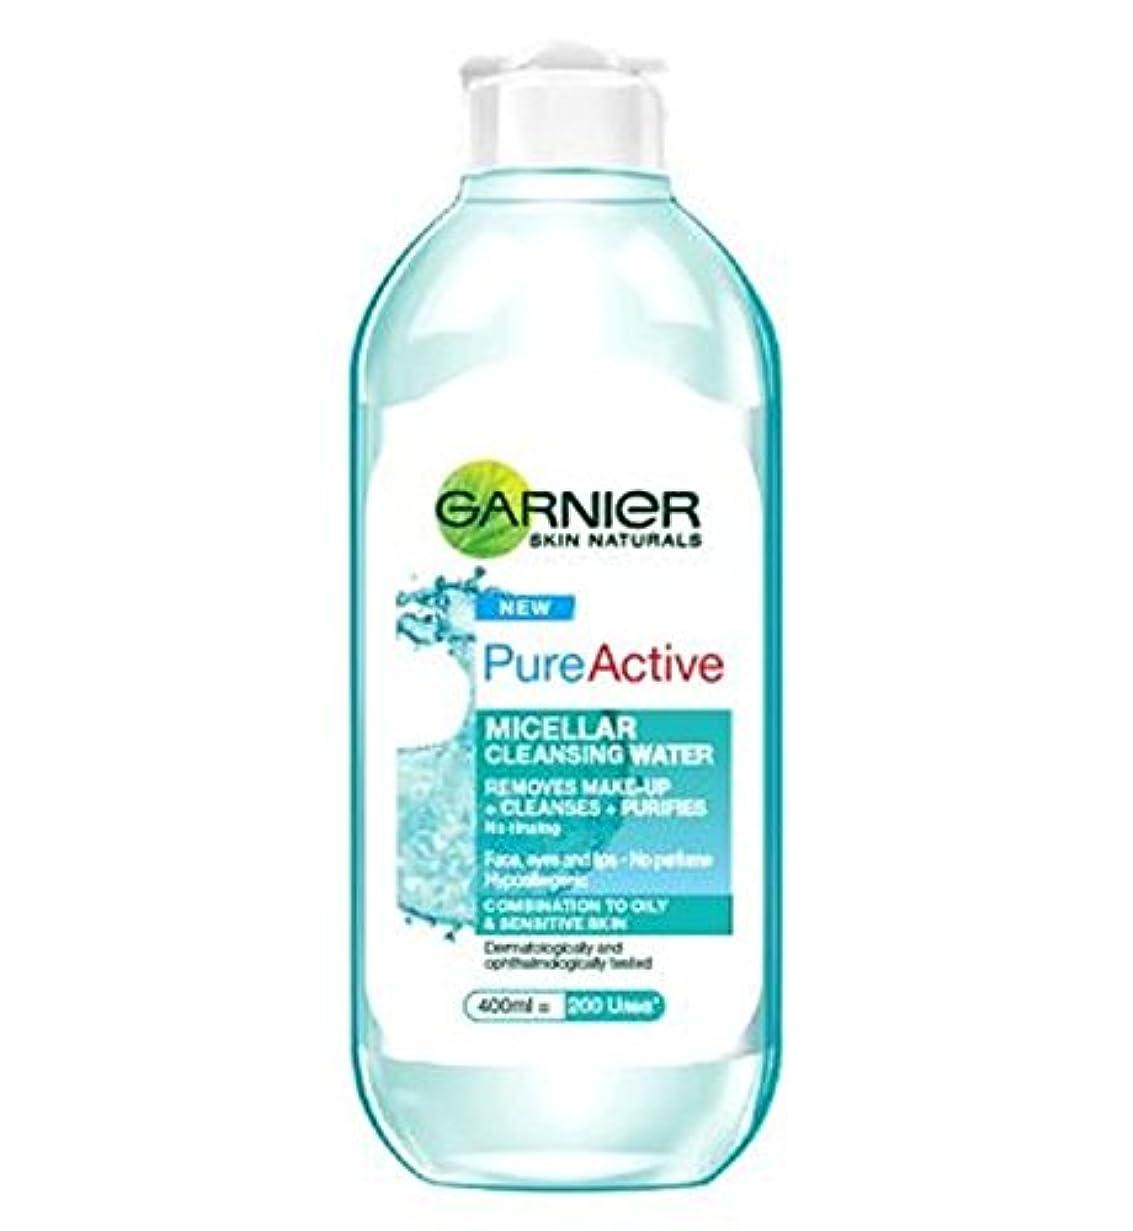 抜け目がない暗い正確ガルニエ純粋なミセル洗浄水400ミリリットル (Garnier) (x2) - Garnier Pure Micellar Cleansing Water 400ml (Pack of 2) [並行輸入品]